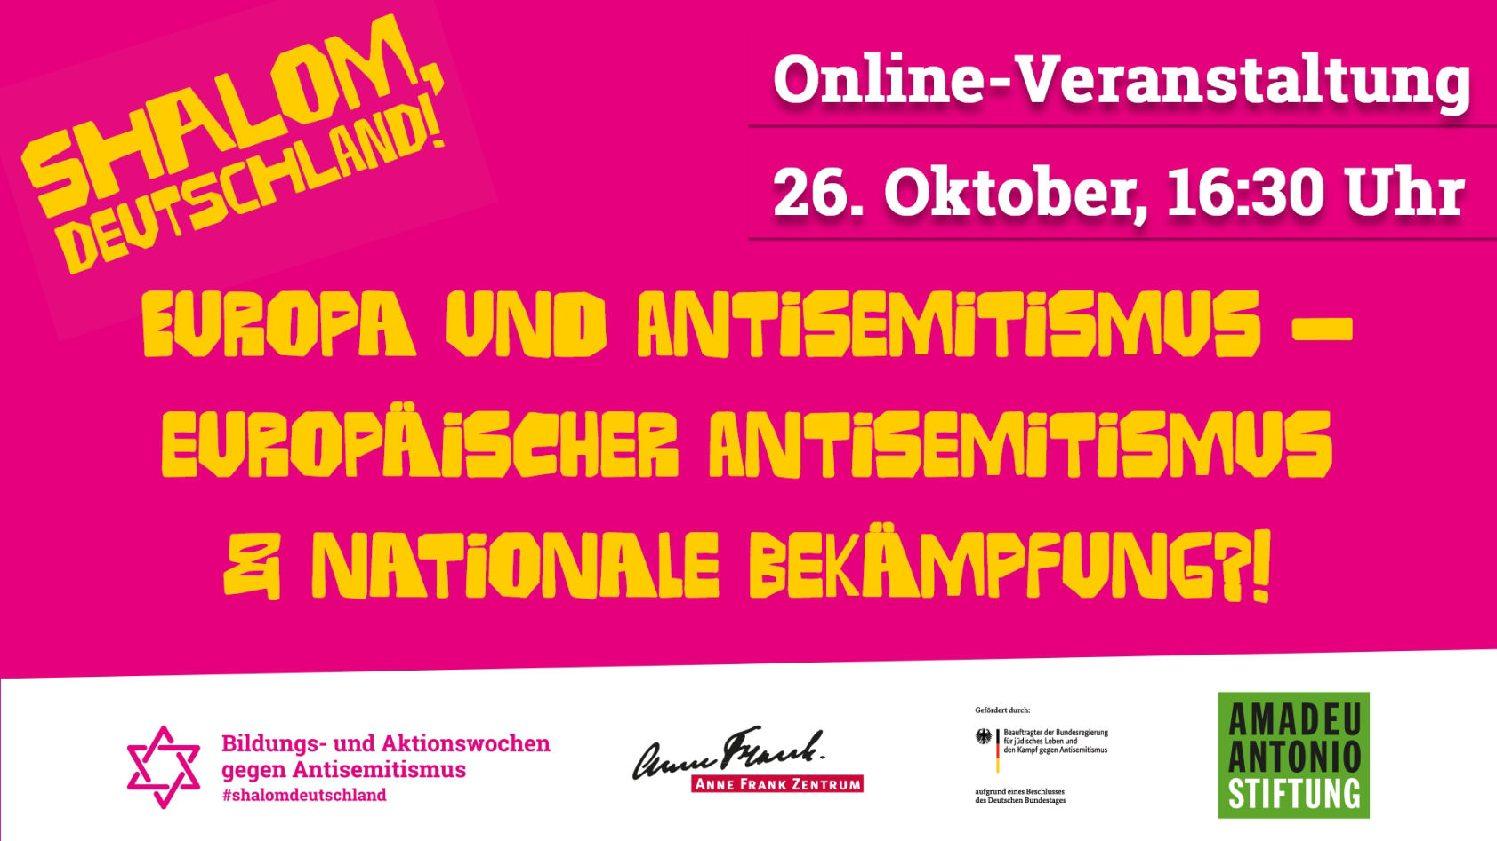 Europa und Antisemitismus – europäischer Antisemitismus & nationale Bekämpfung HP